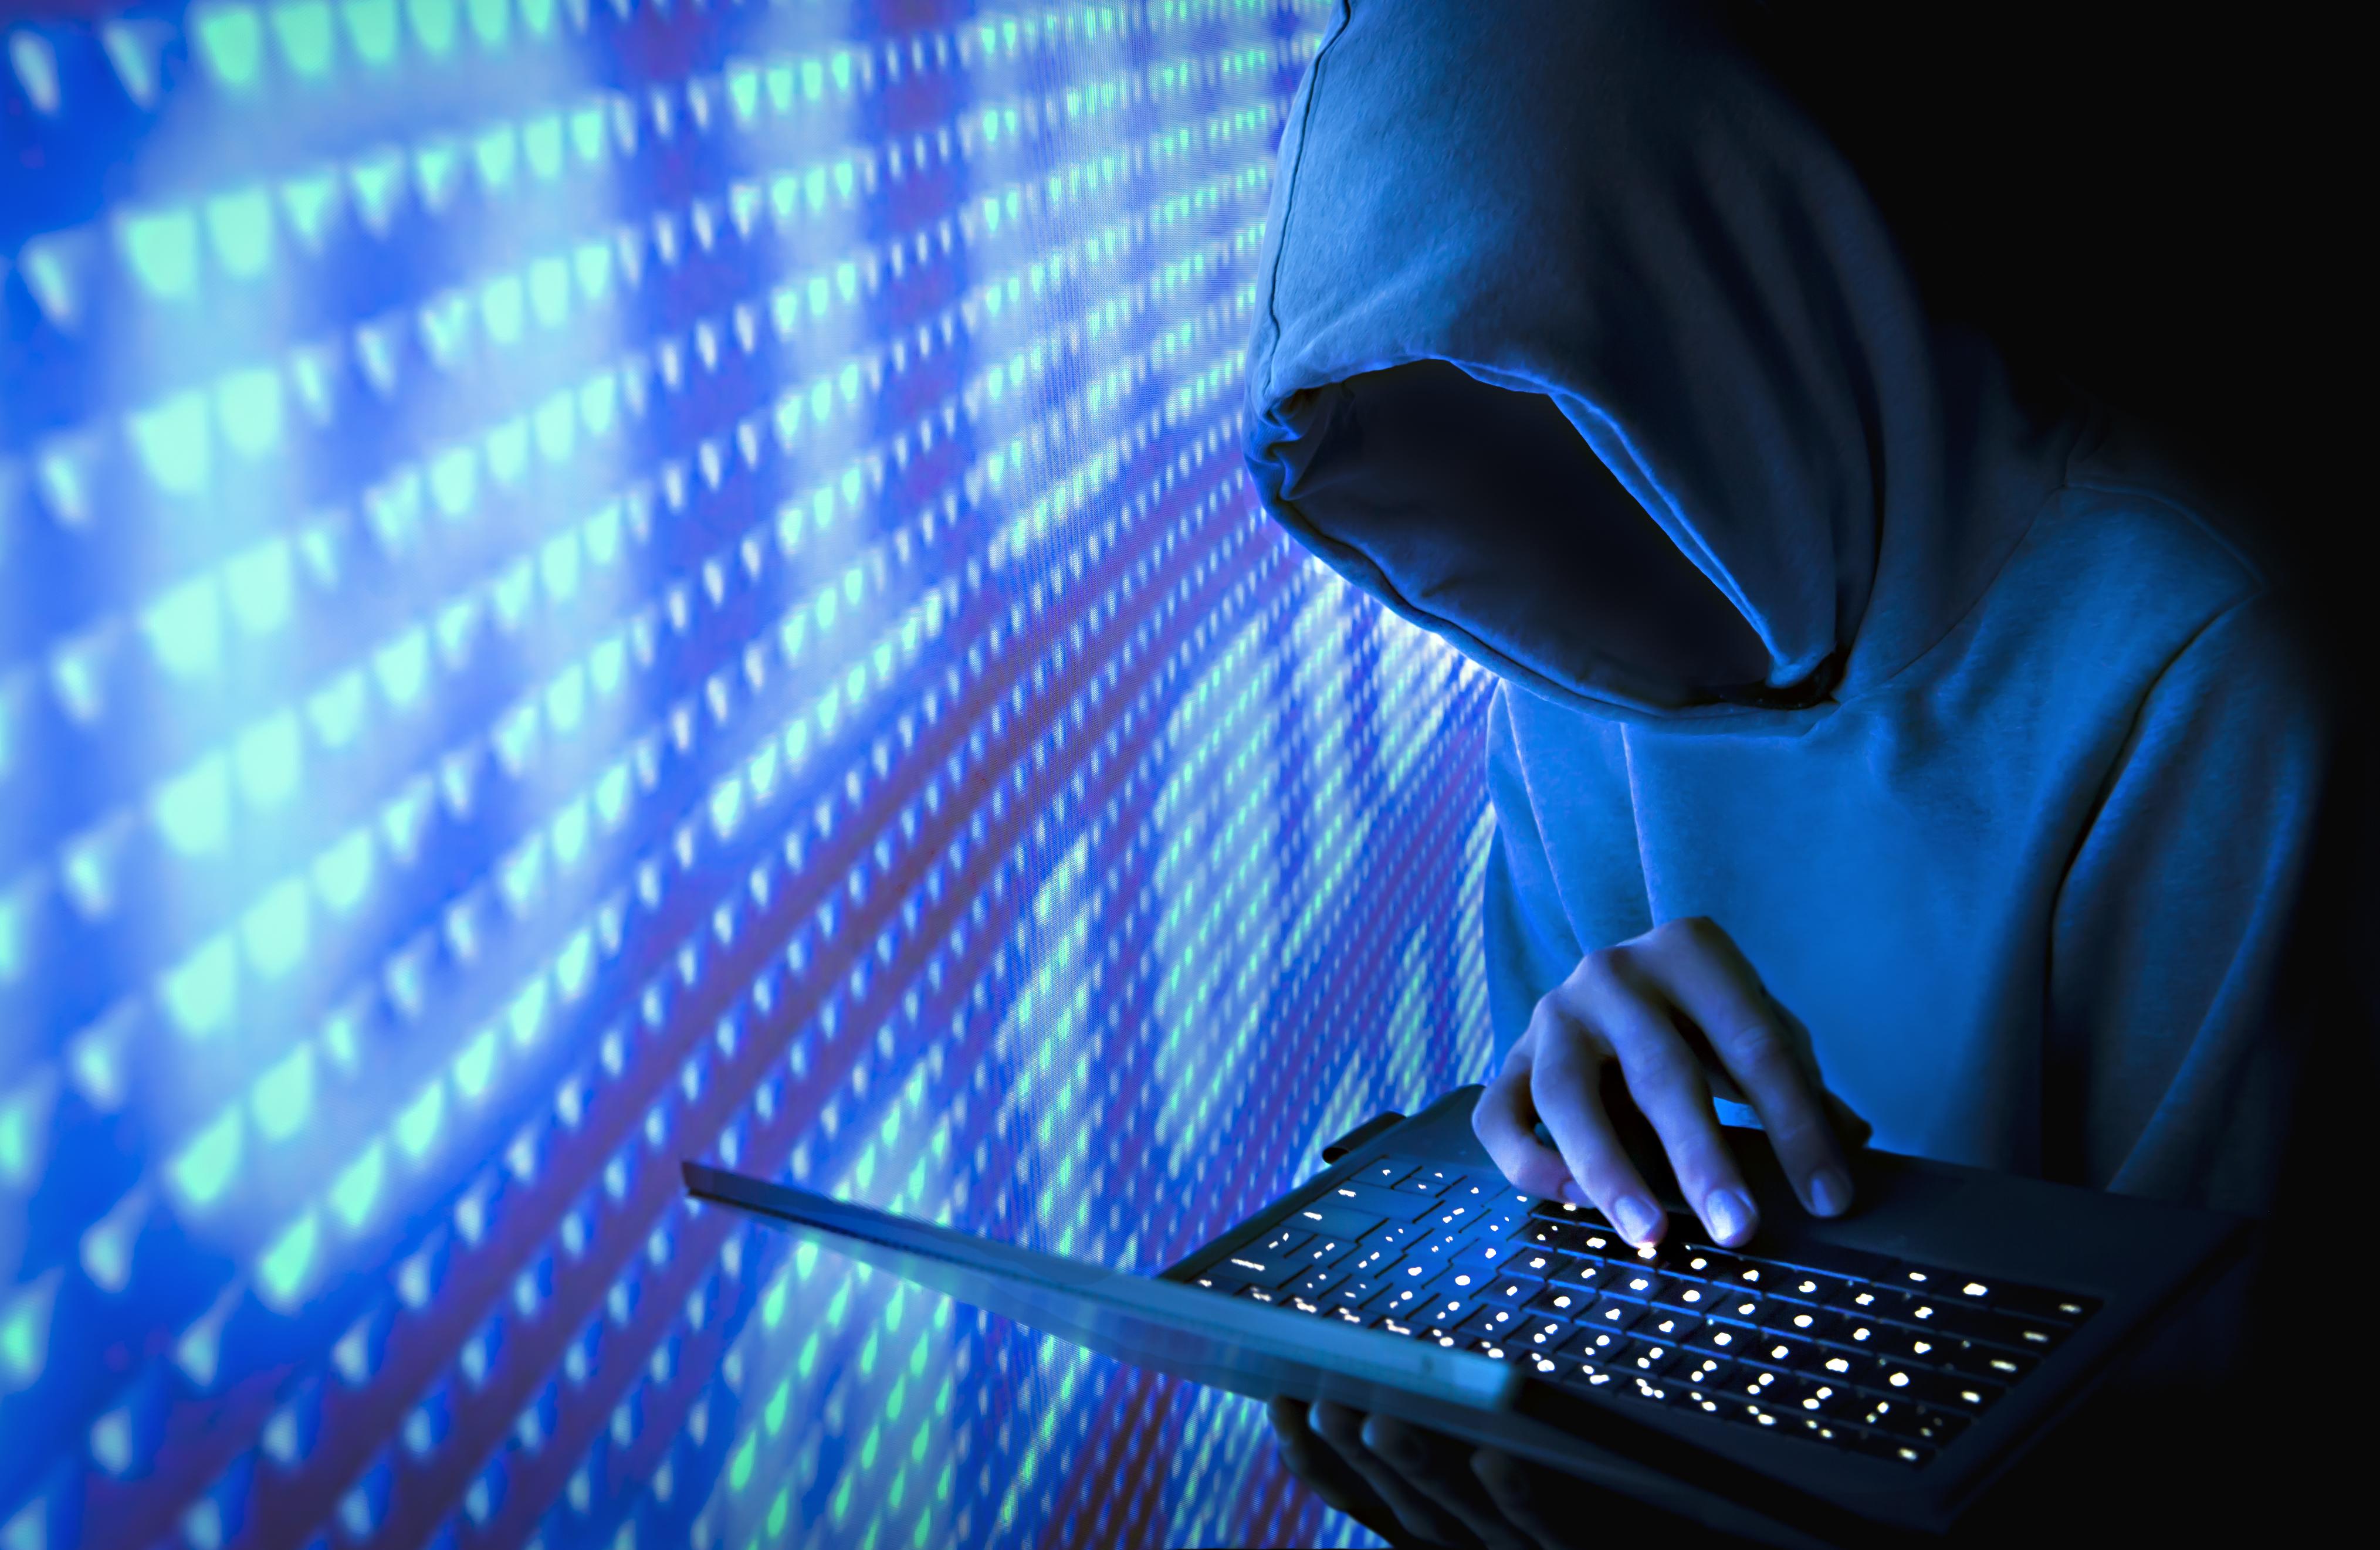 un-hacker-es-declarado-culpable-por-robar-datos-de-nintendo-y-microsoft-frikigamers.com.jpg